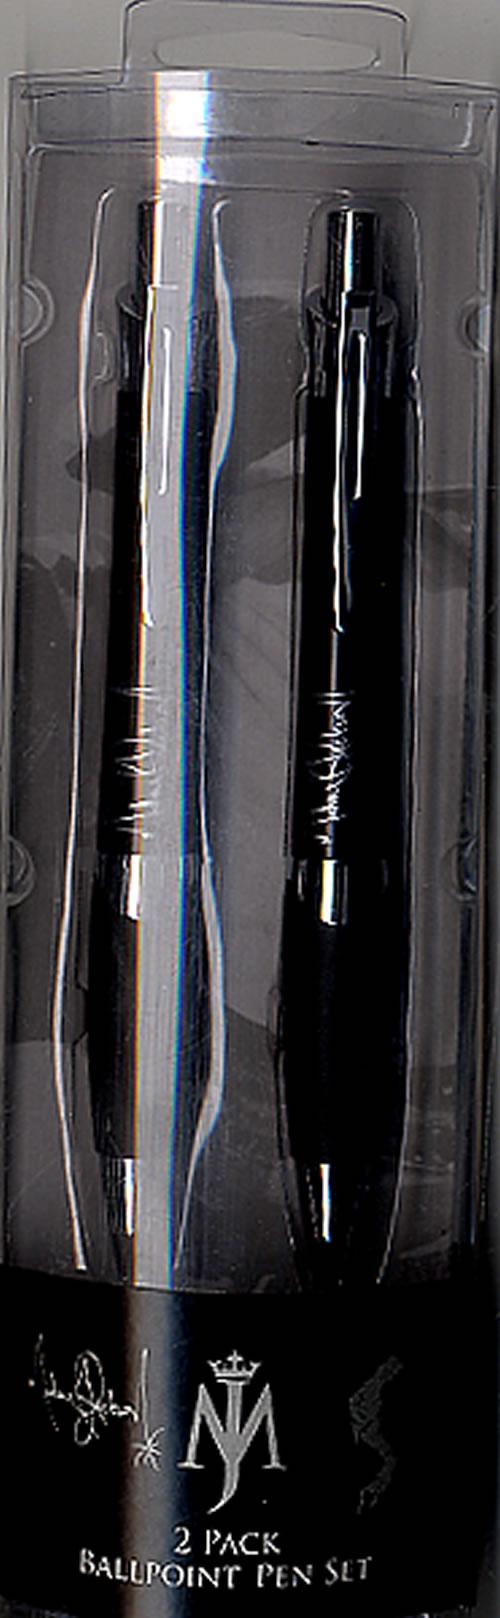 2 Pack Ballpoint Pen Set